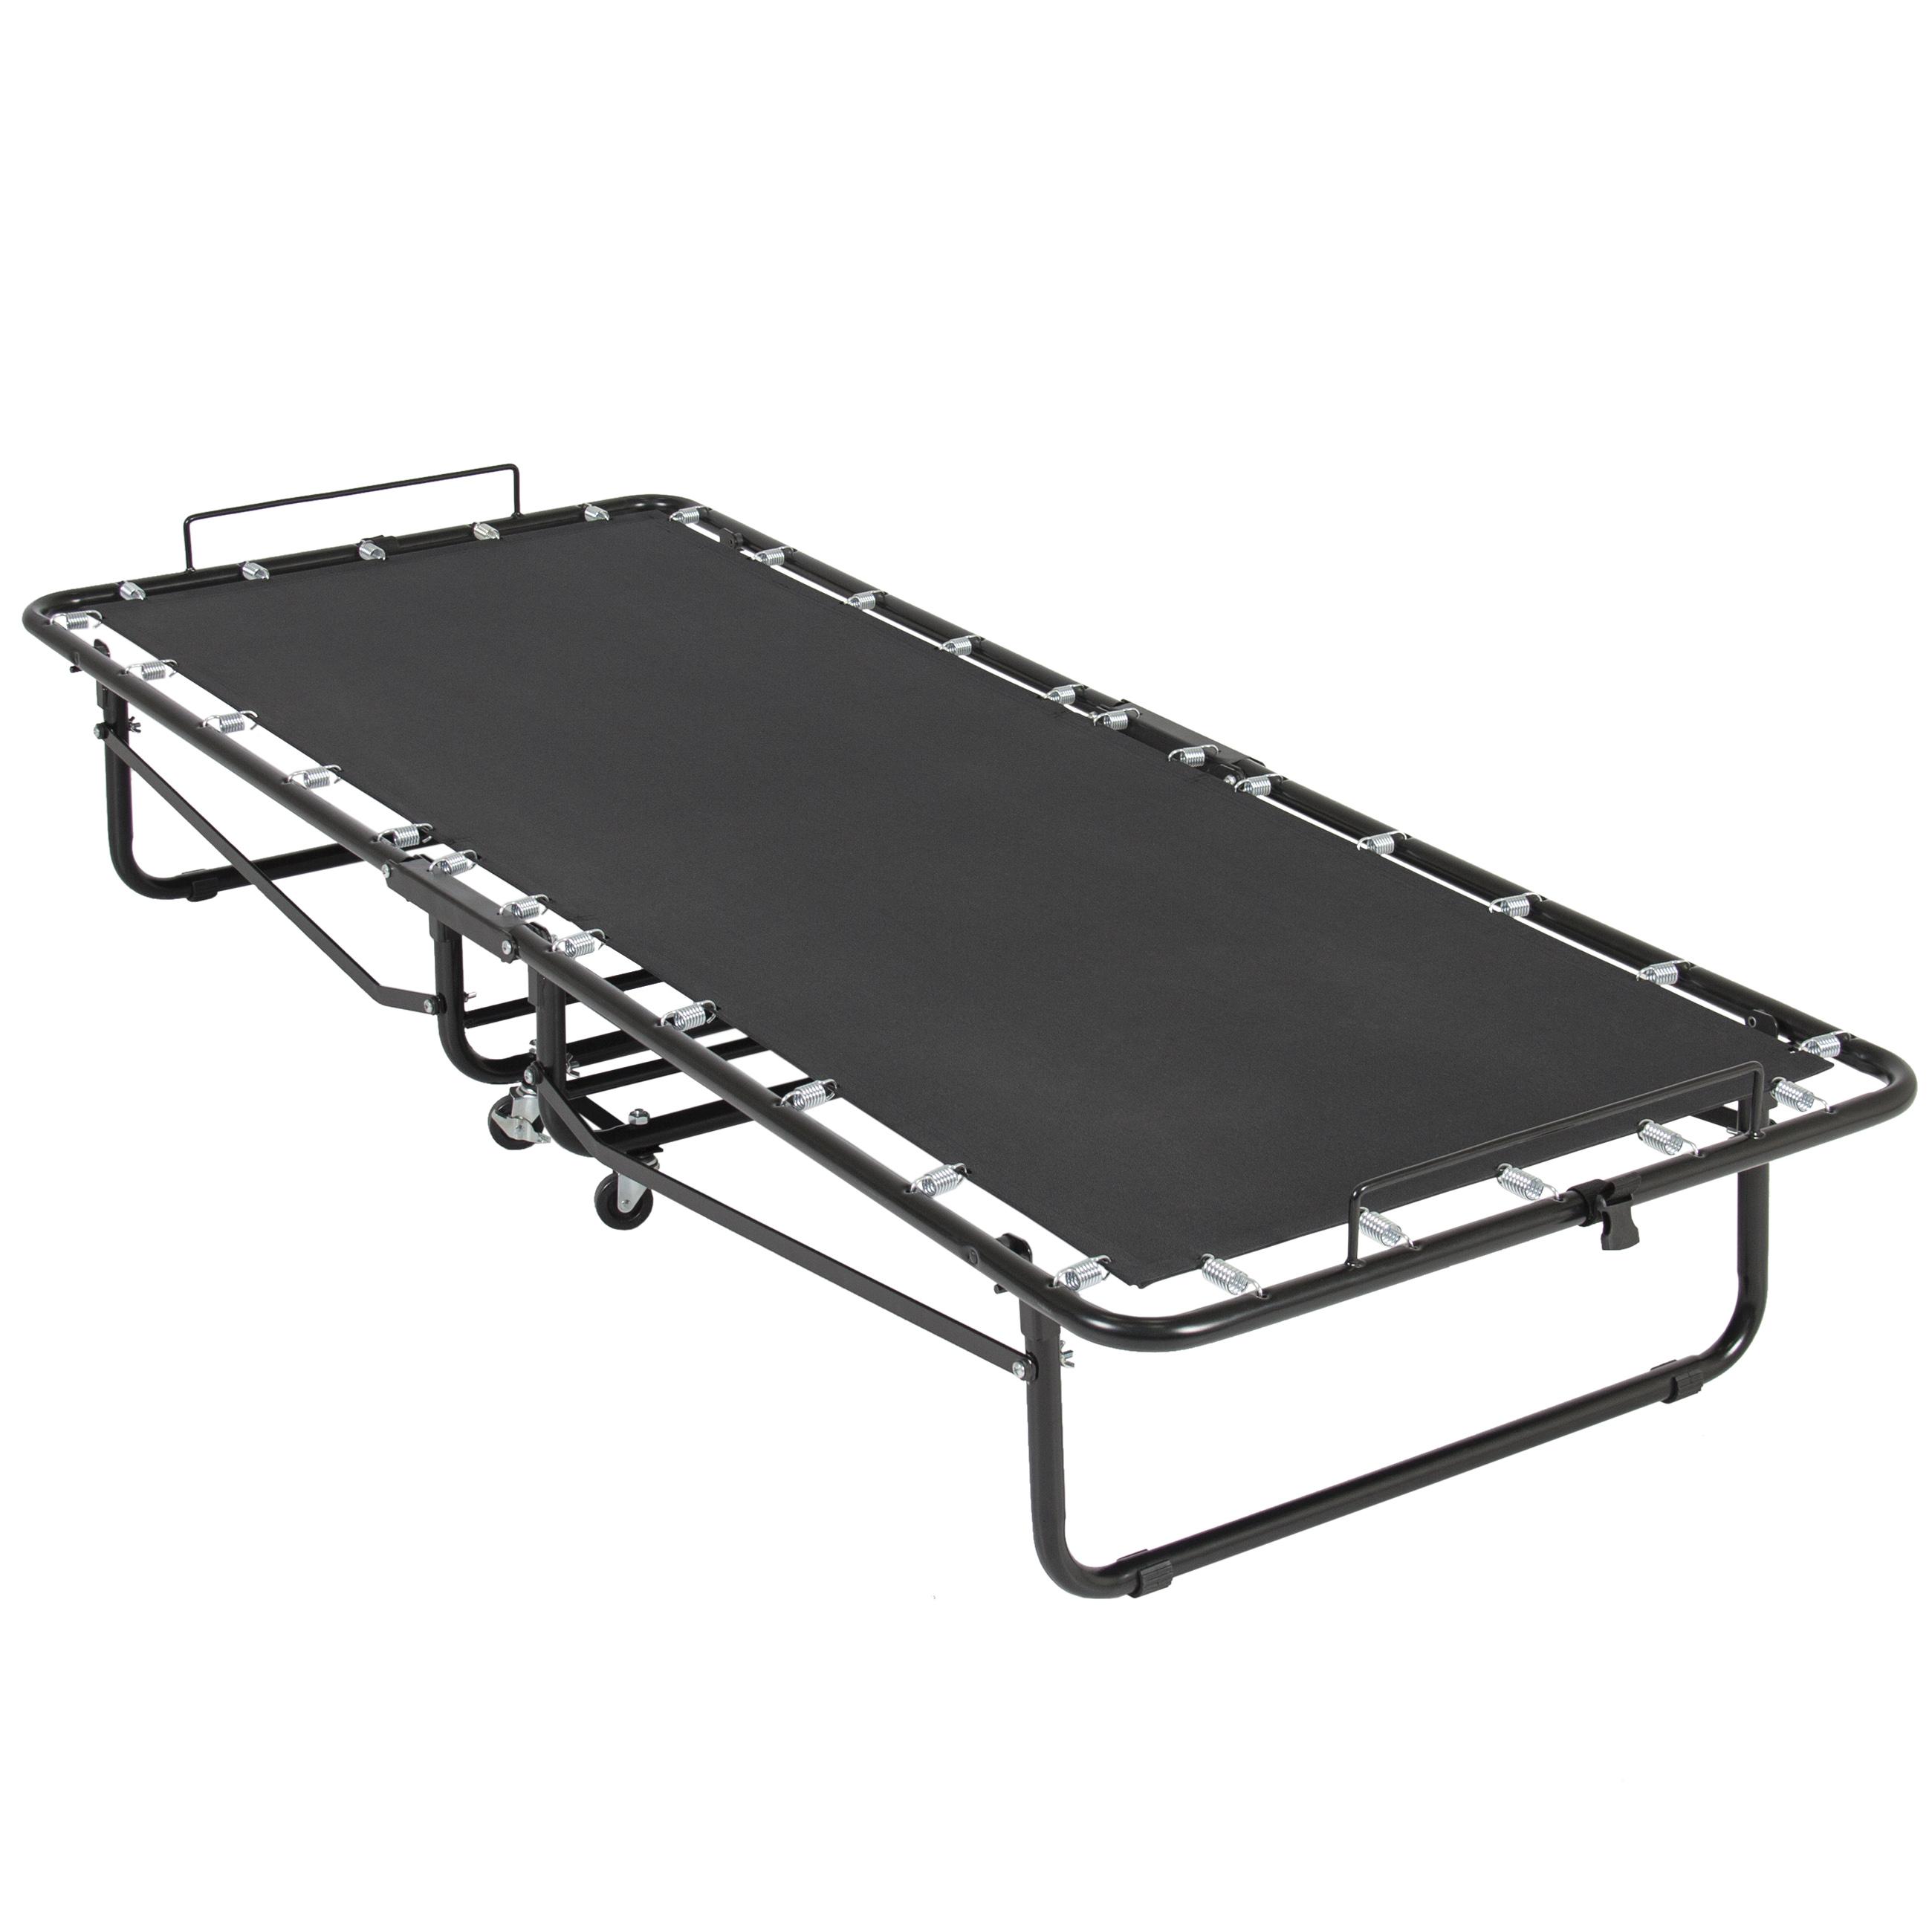 Rollaway Guest Bed Memory Foam Mattress, Twin XL Size ...